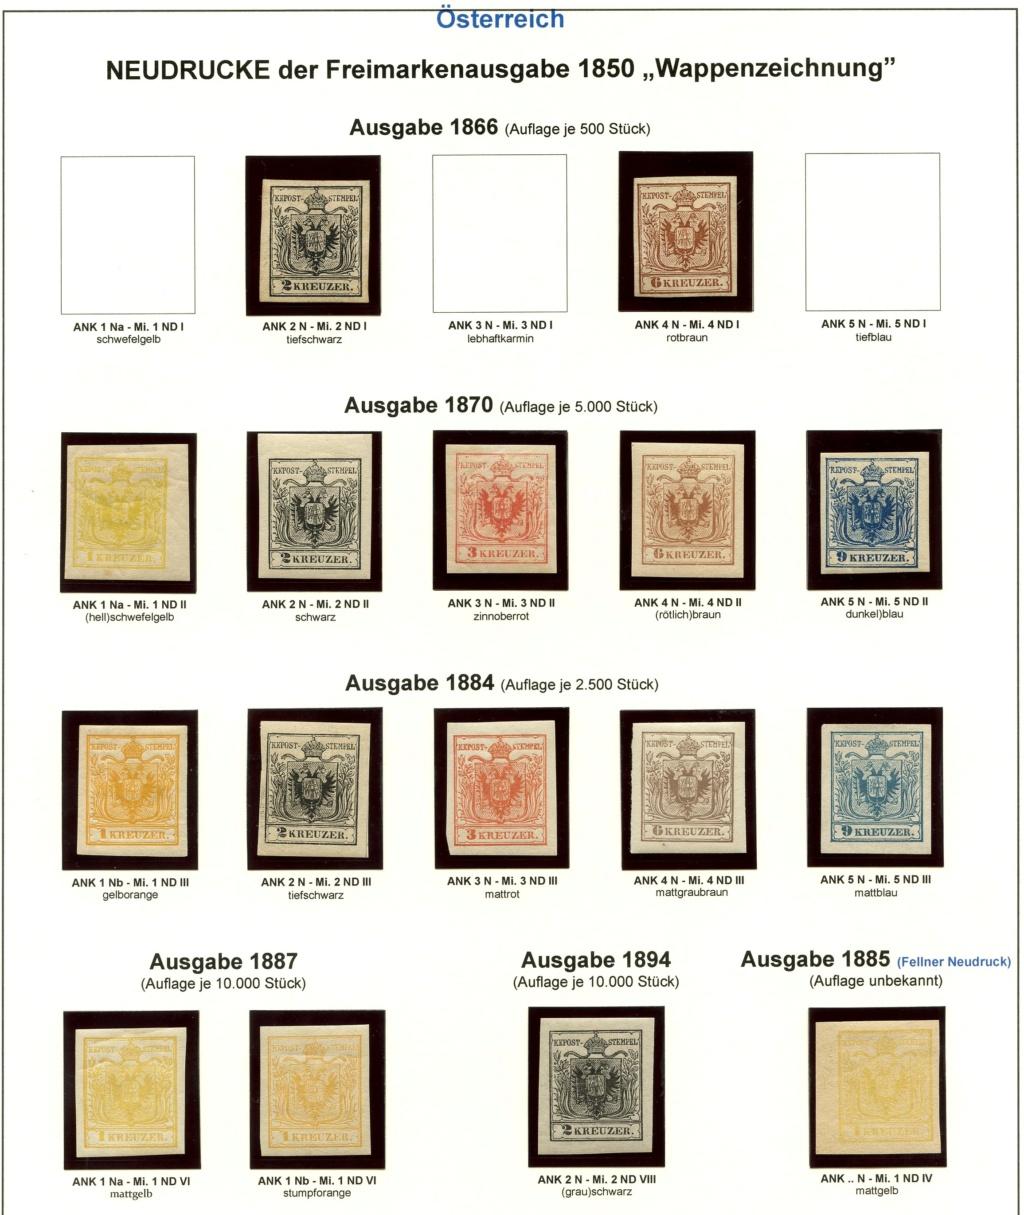 Die Neudrucke der Österreichischen Postwertzeichen-Ausgaben 1850-1864 Z_185010